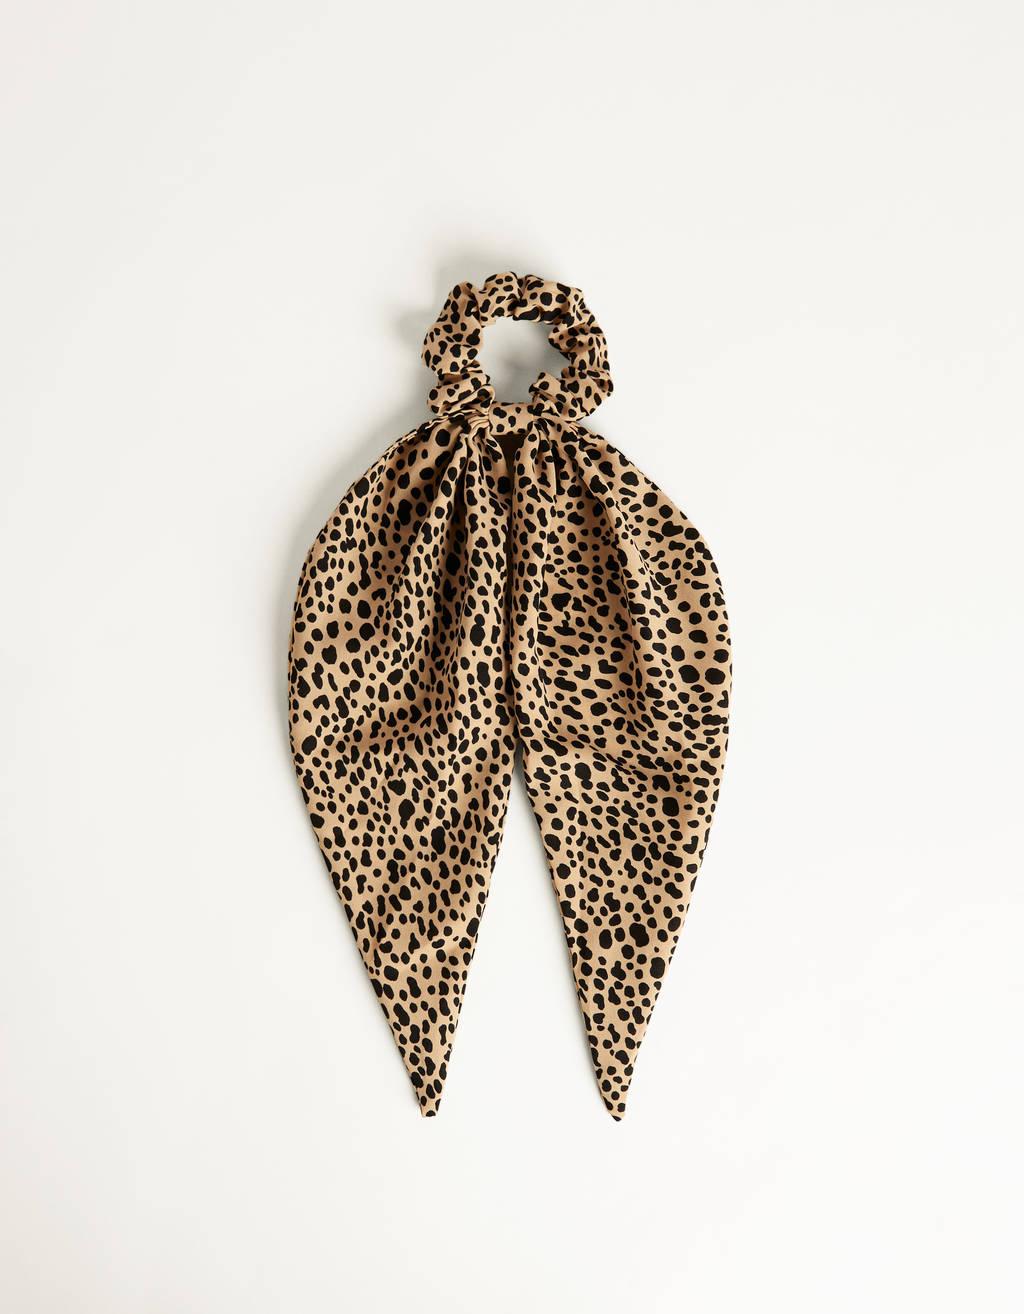 Lligacues de lleopard